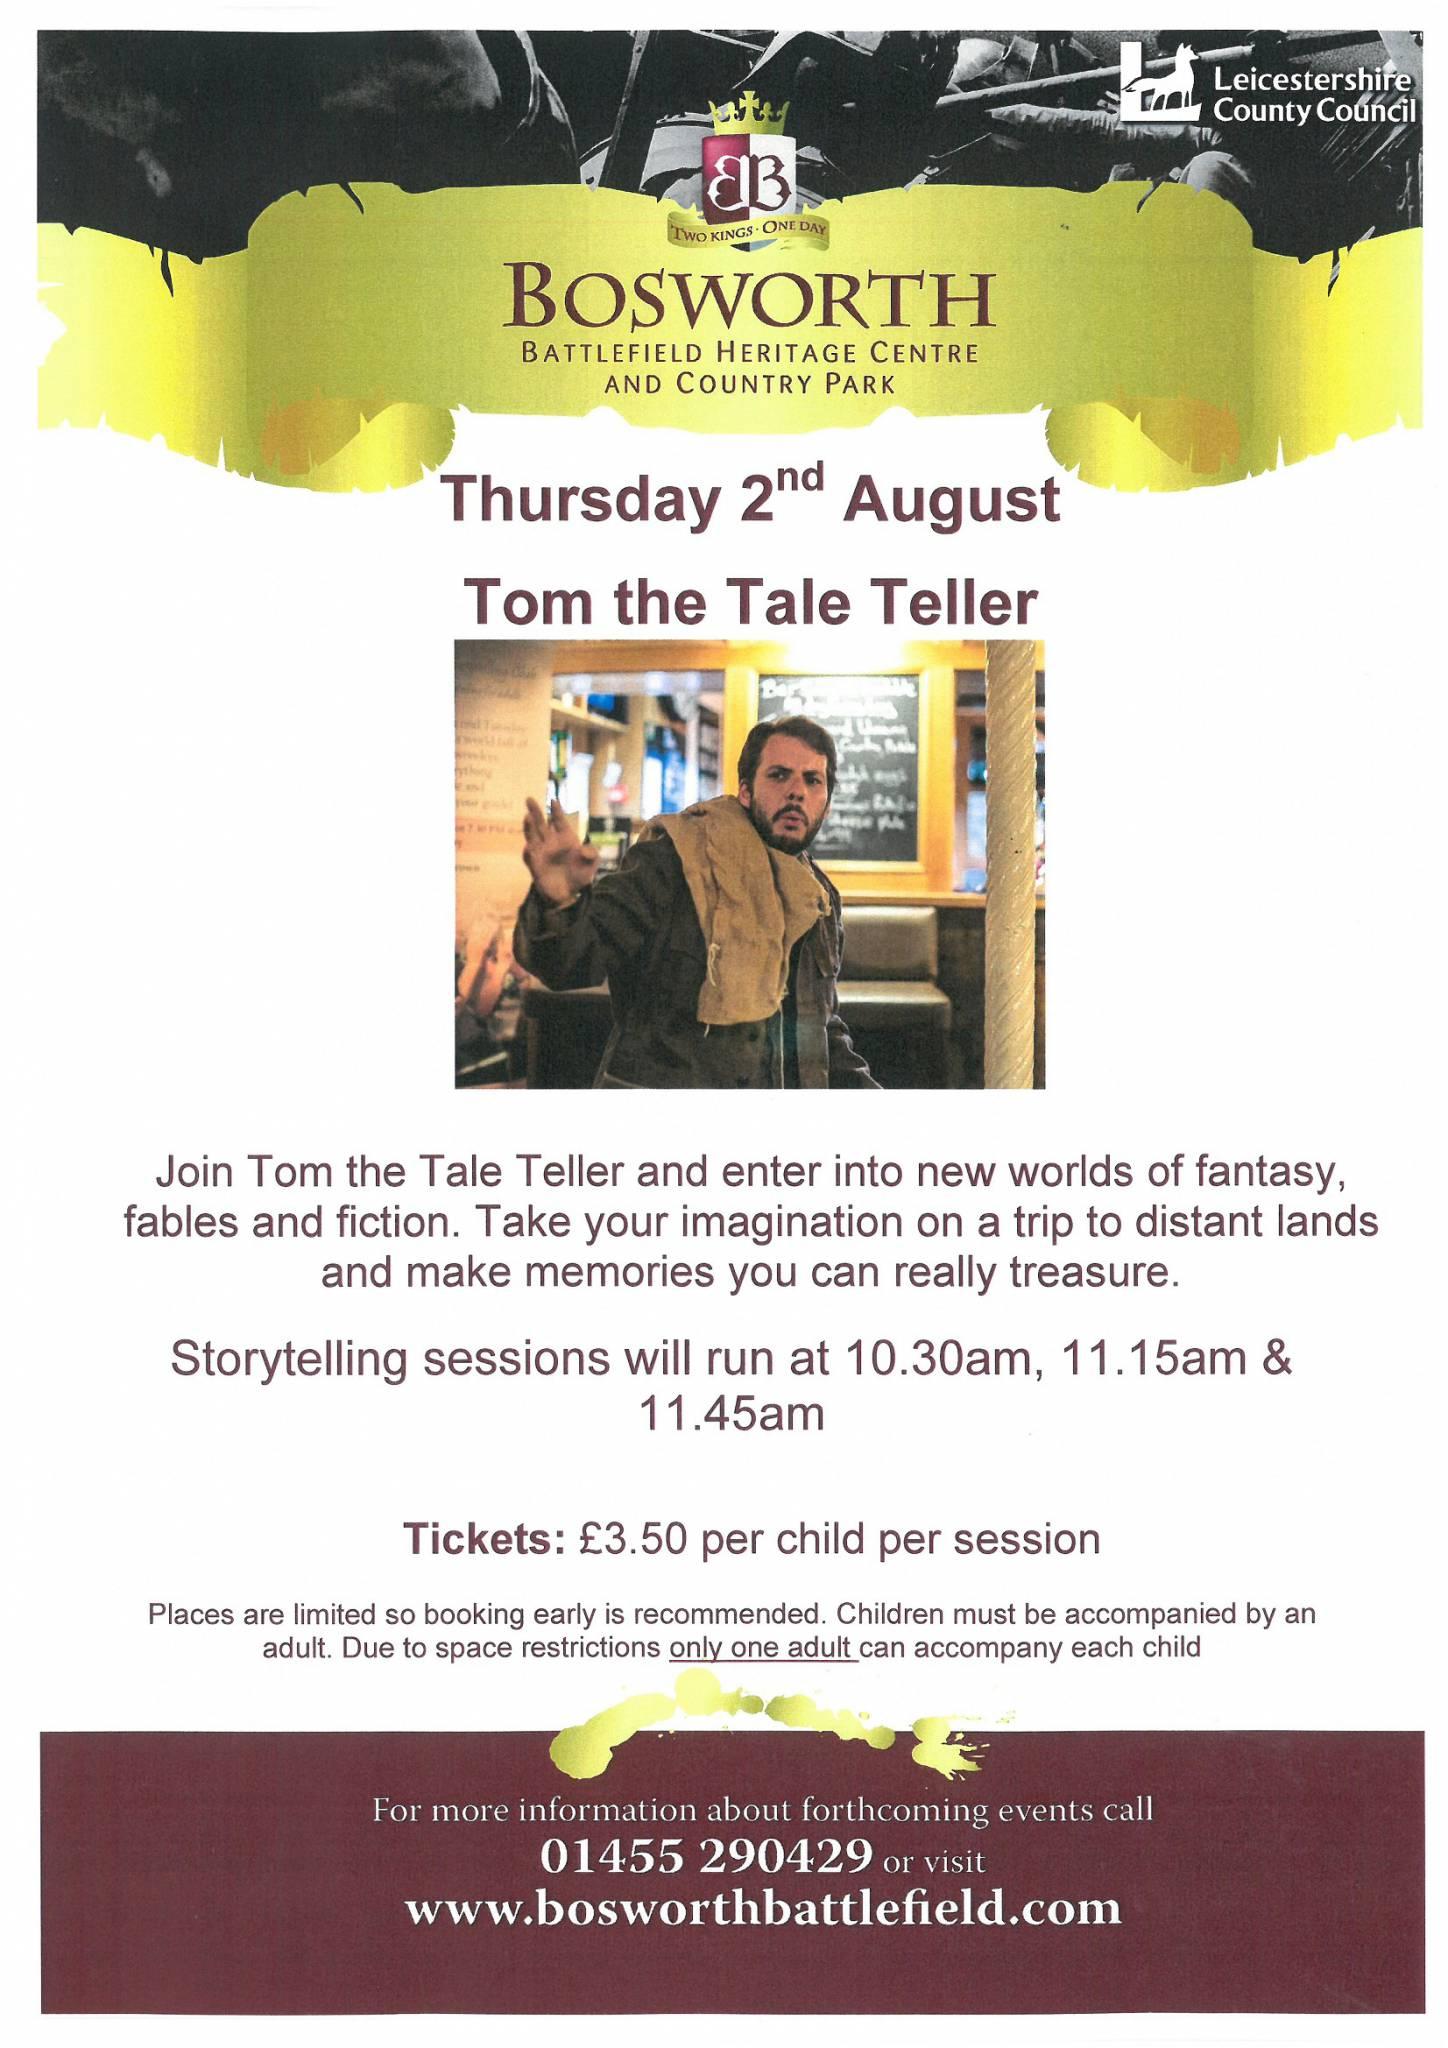 Tom the Tale Teller